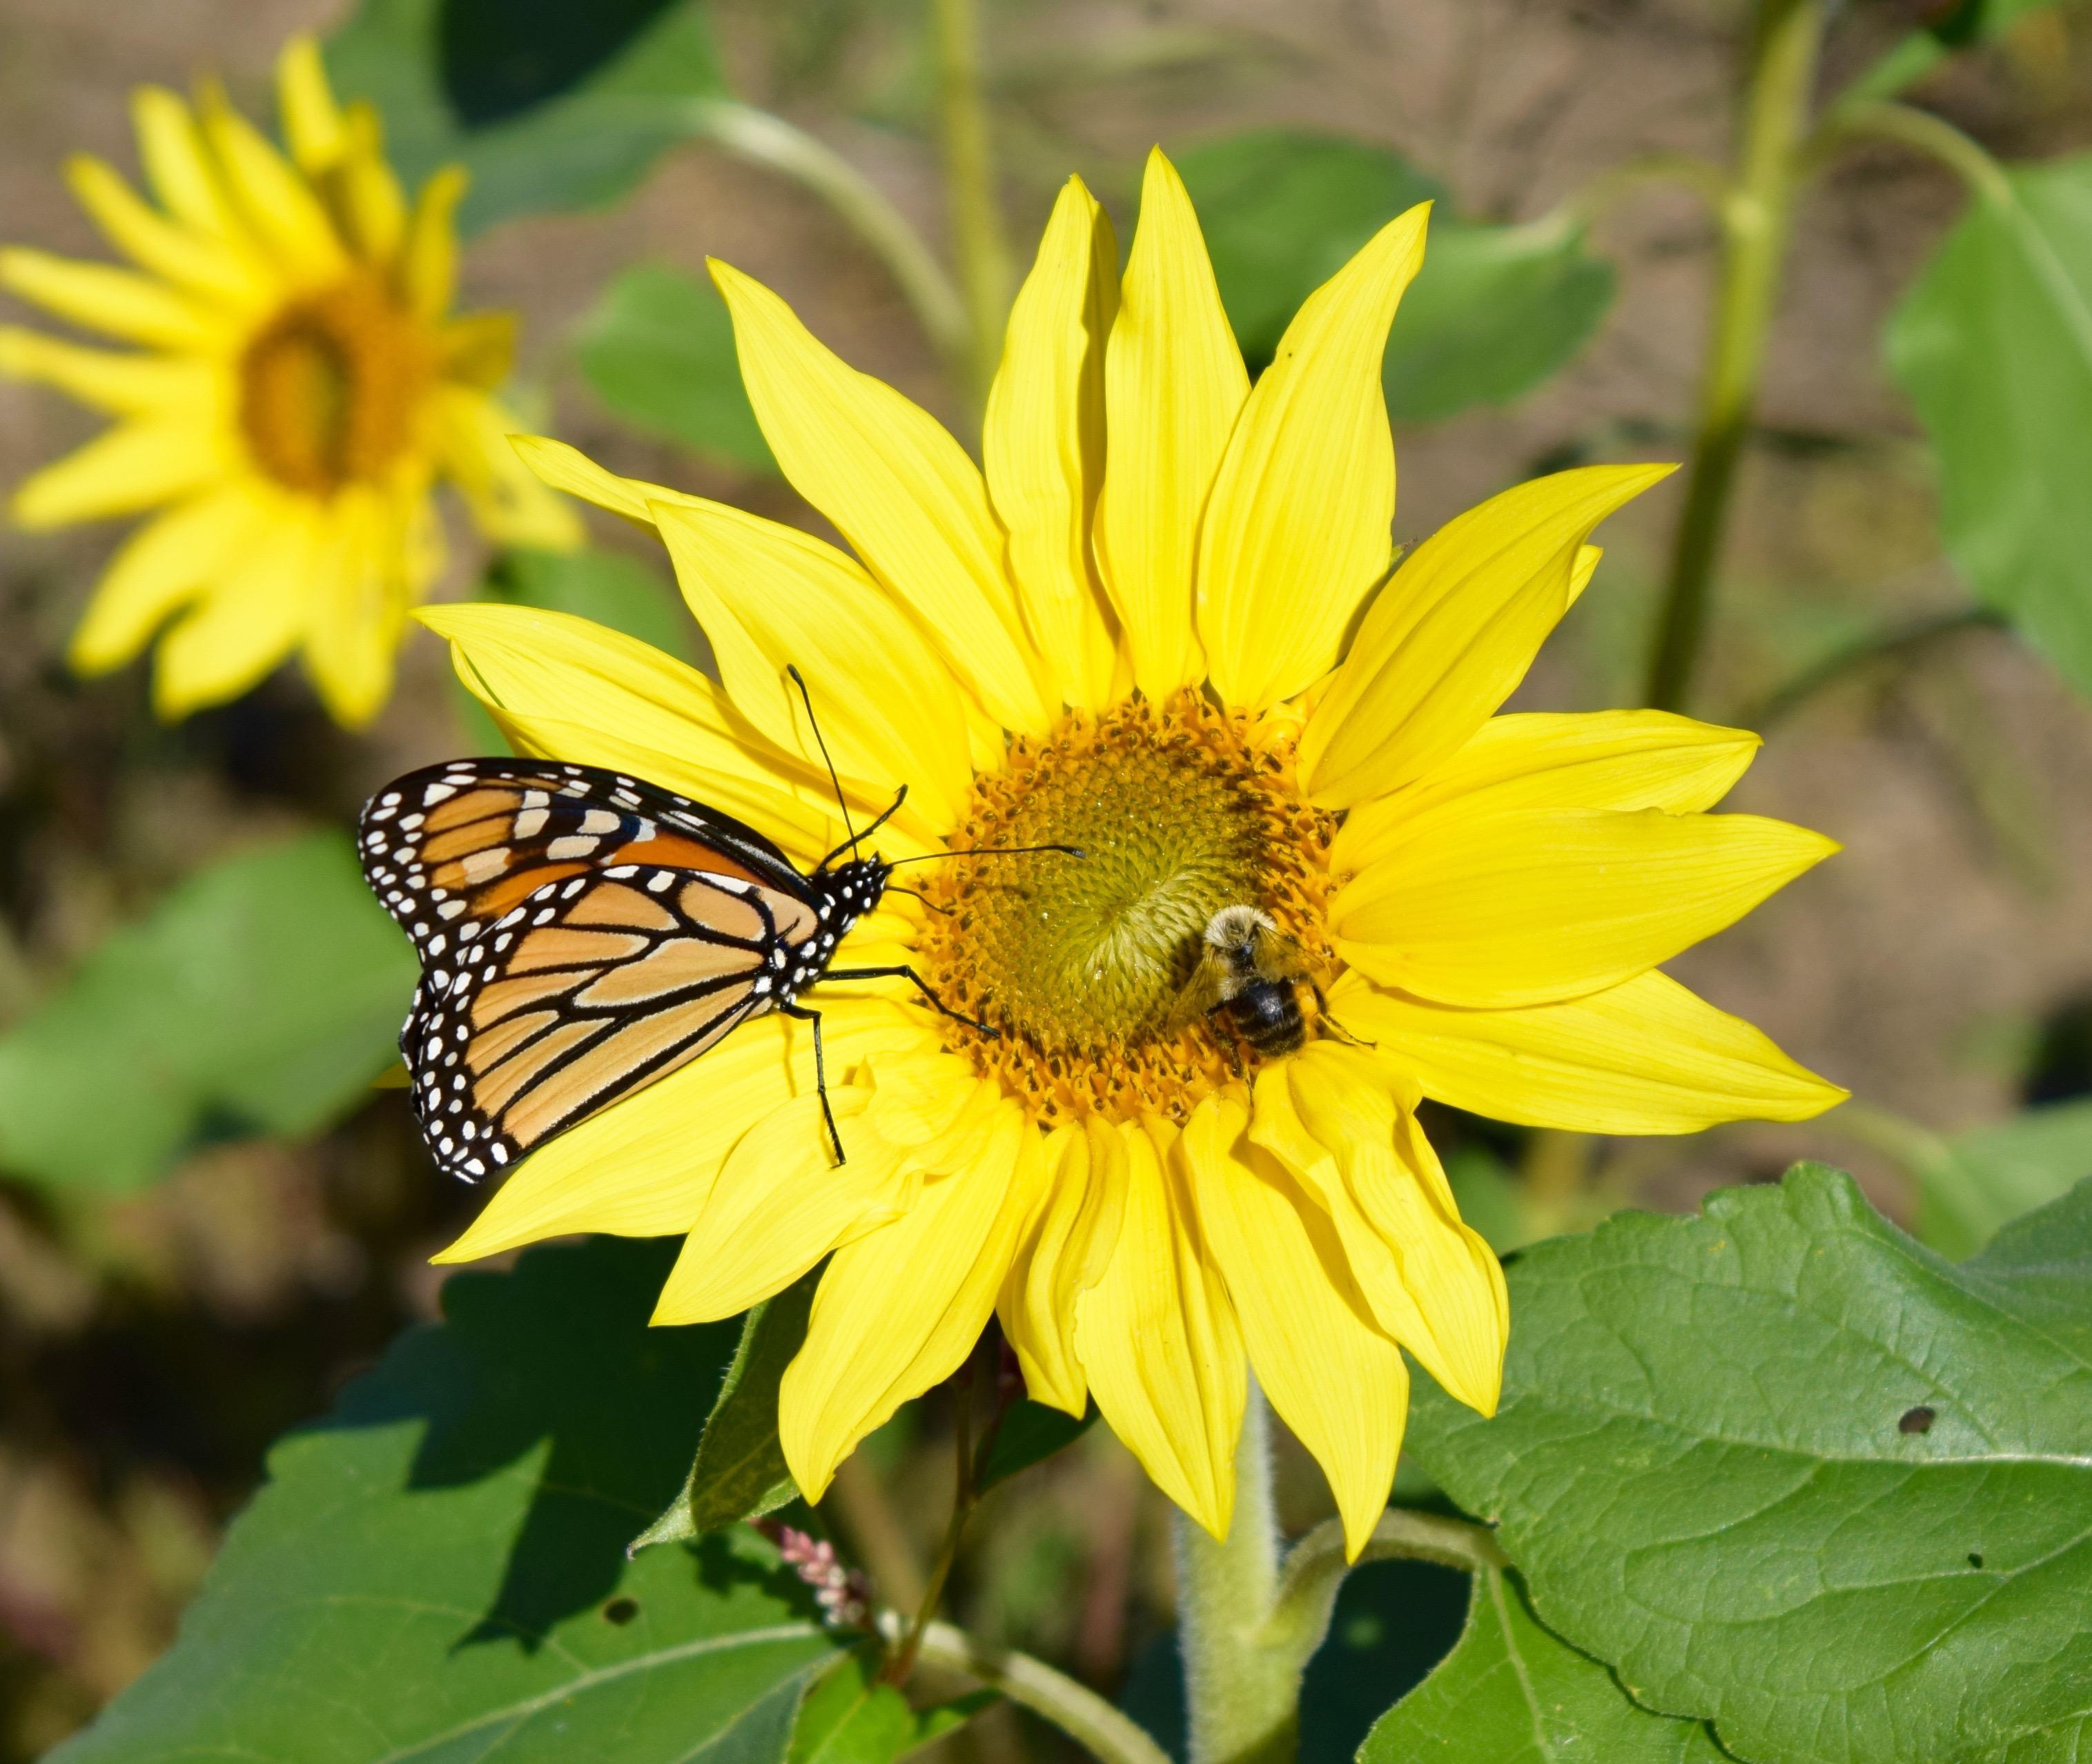 Hình ảnh hoa hướng dương tự nhiên